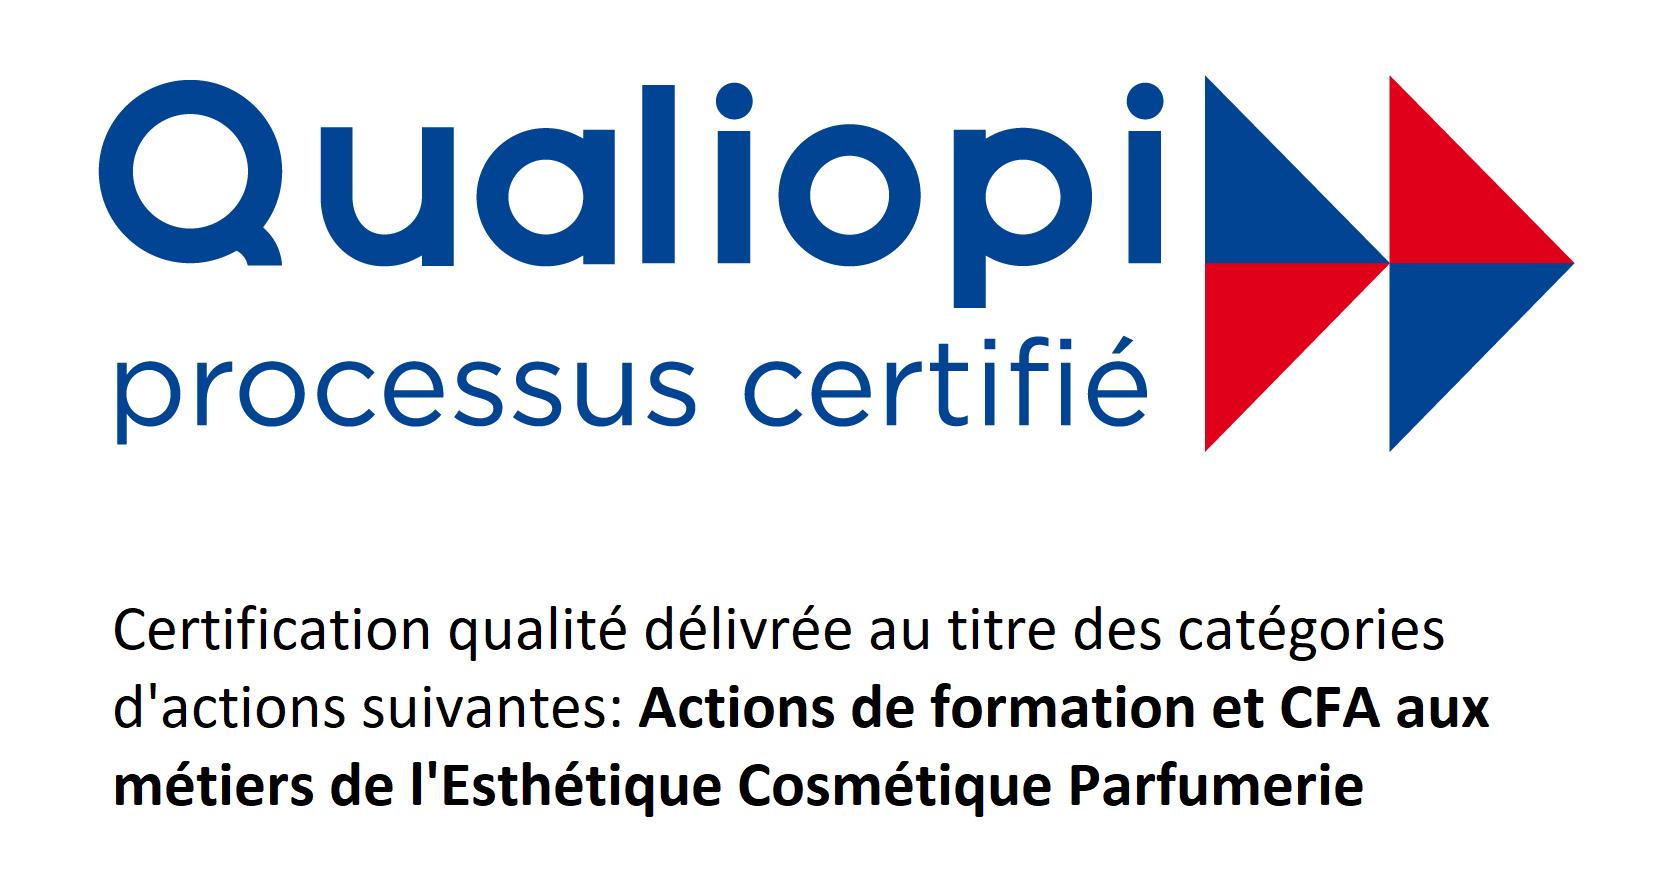 Ecole esthétique THALGO certifiée Qualiopi